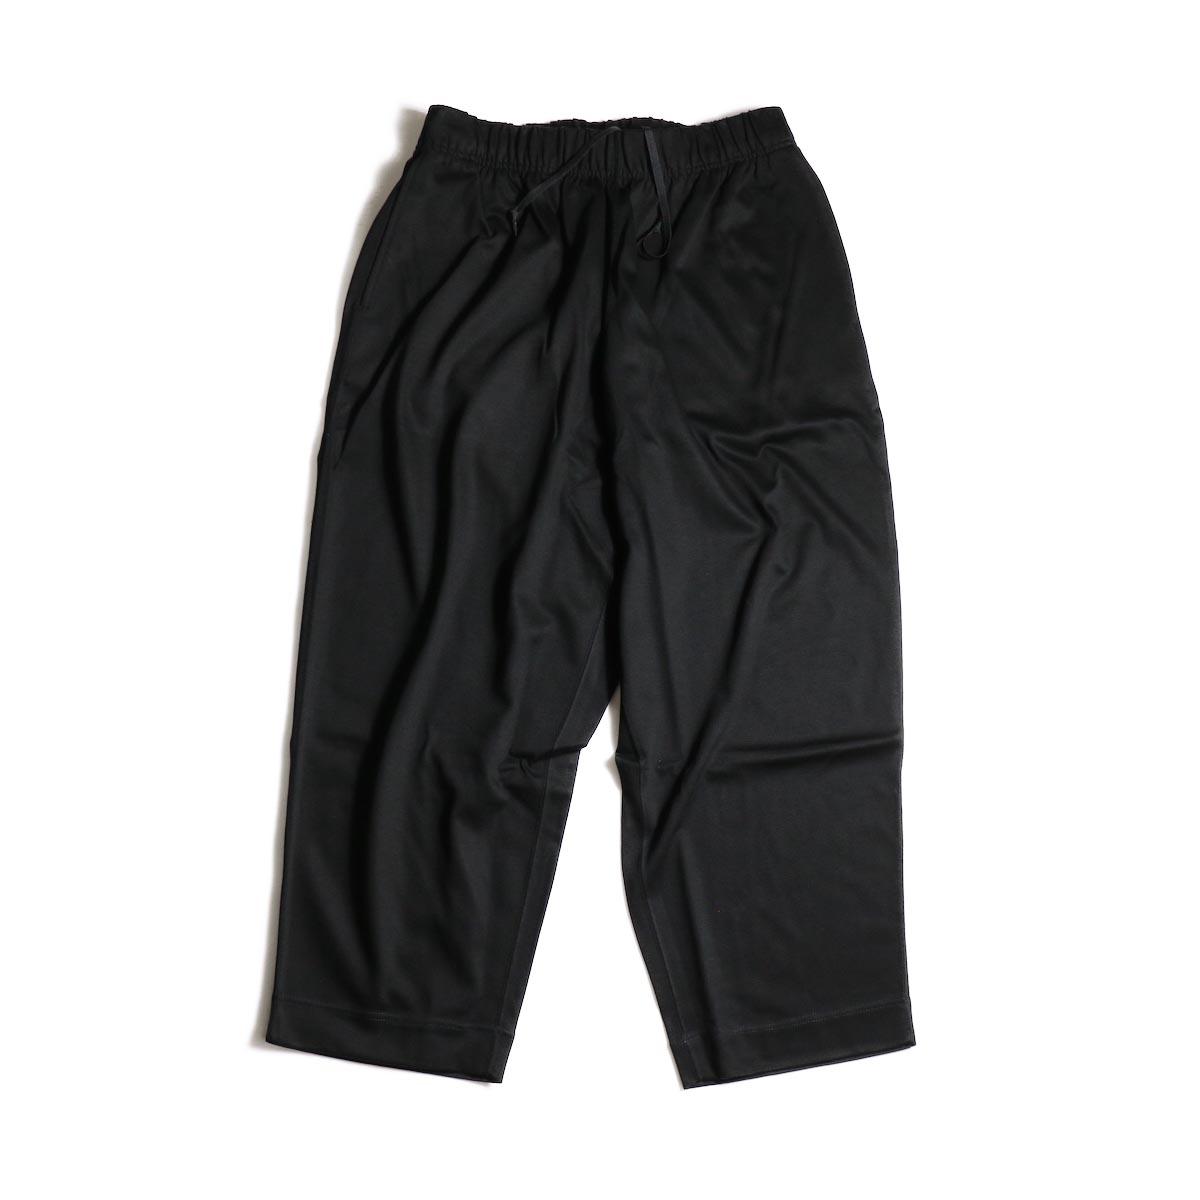 N.HOOLYWOOD / 1202-CP05-034  Wide Easy Pants (Black)